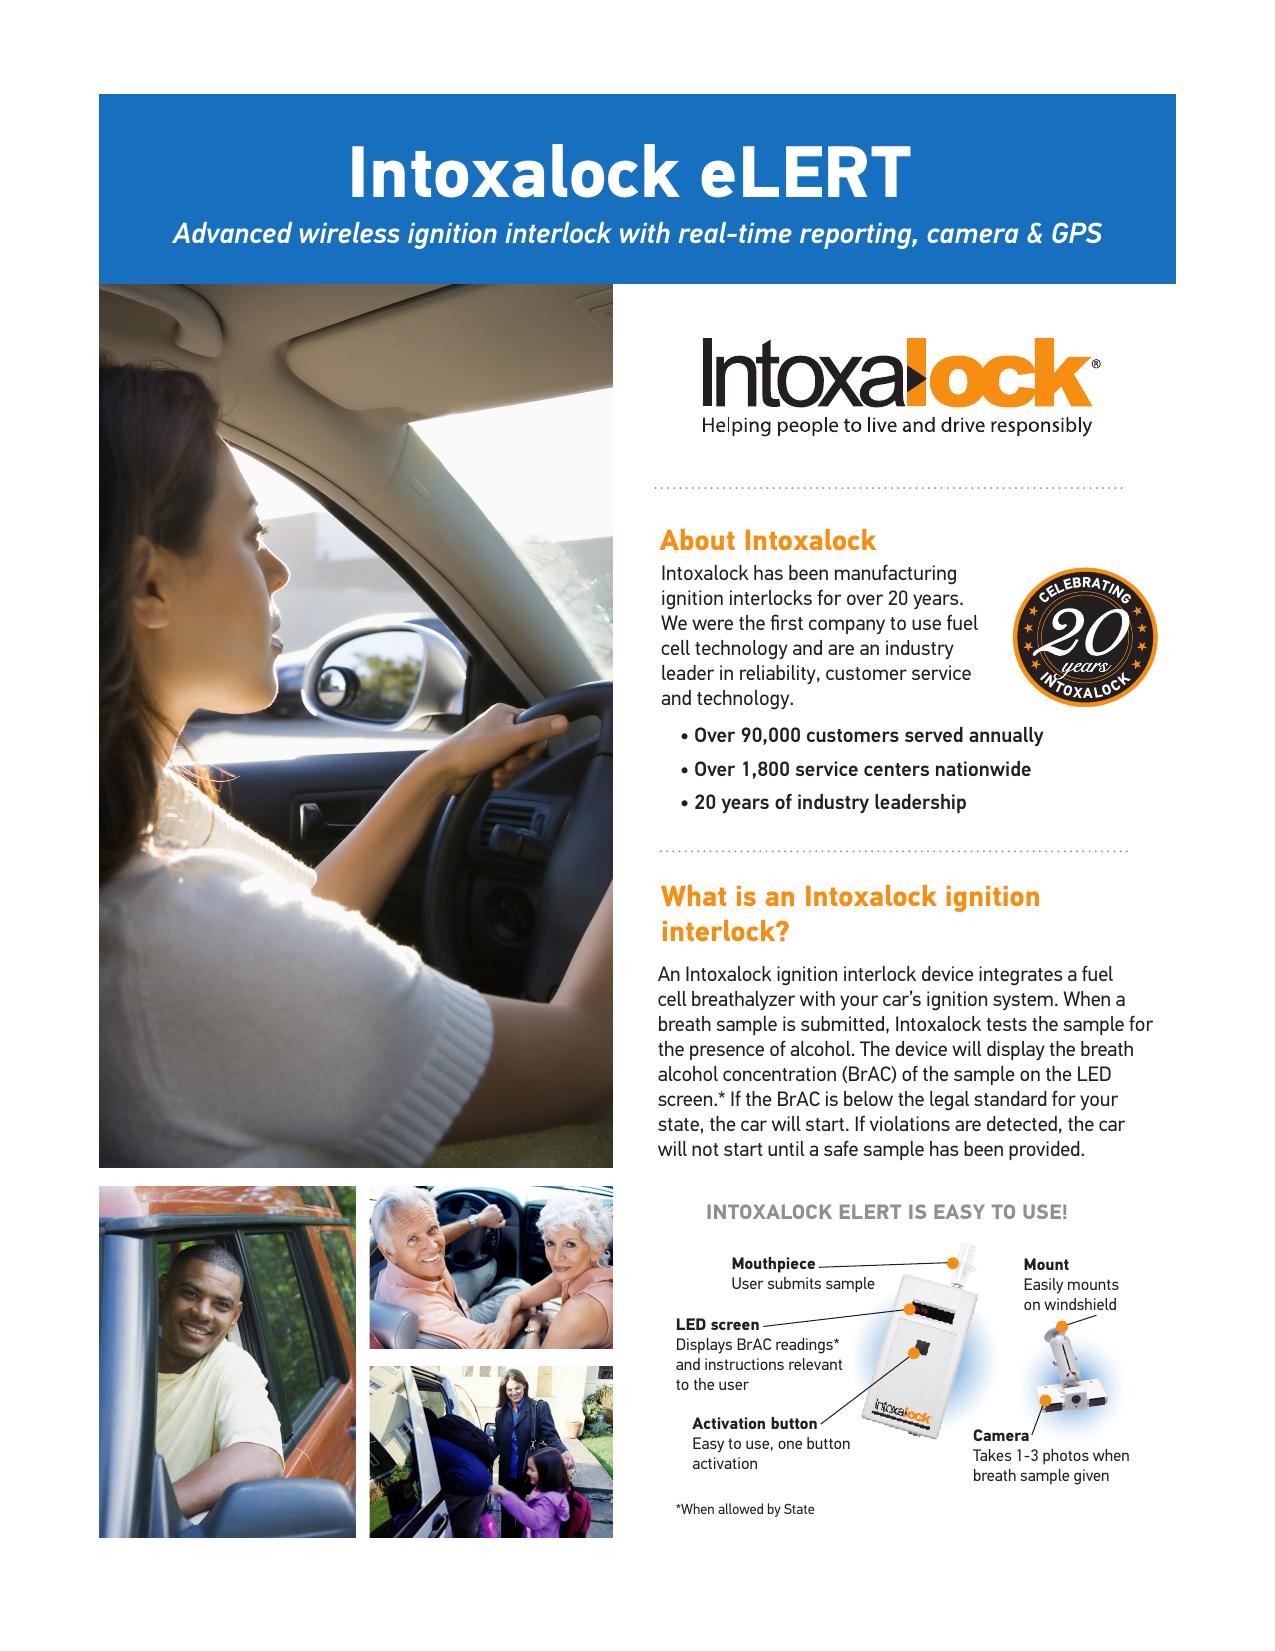 Intoxalock Phone Number >> Intoxalock Elert Manualzz Com